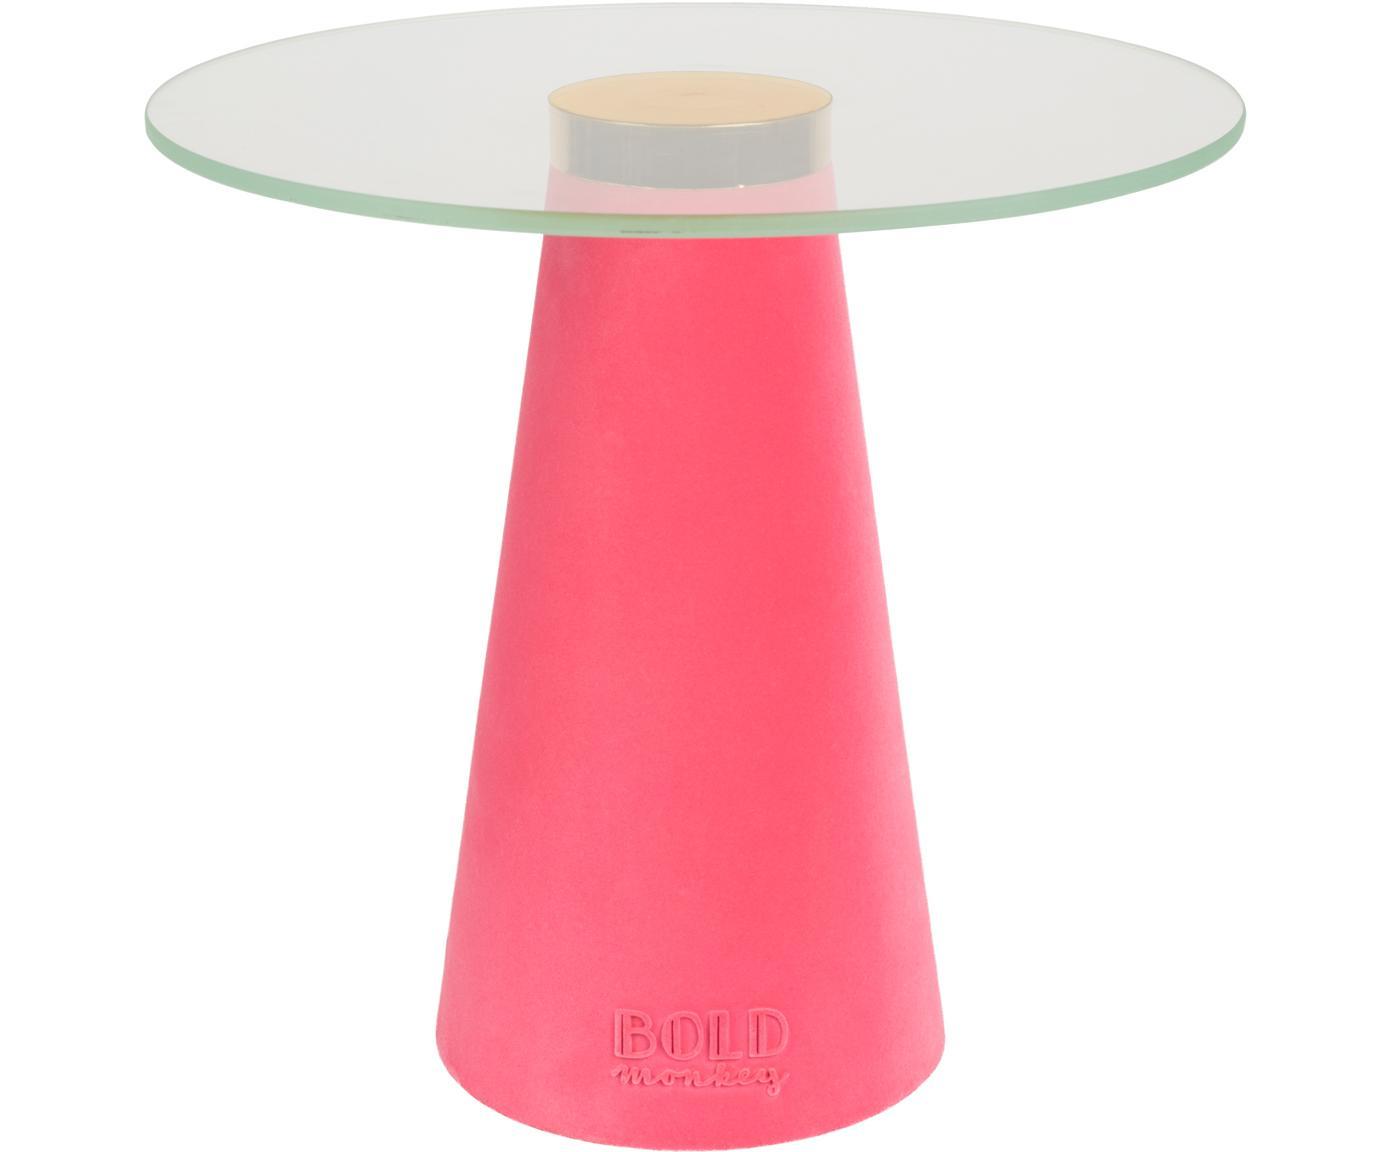 Stolik pomocniczy ze szklanym blatem Leader Of The Fanclub, Blat: szkło hartowane, Noga: poliresing powlekany, alu, Różowy, Ø 40 x W 39 cm